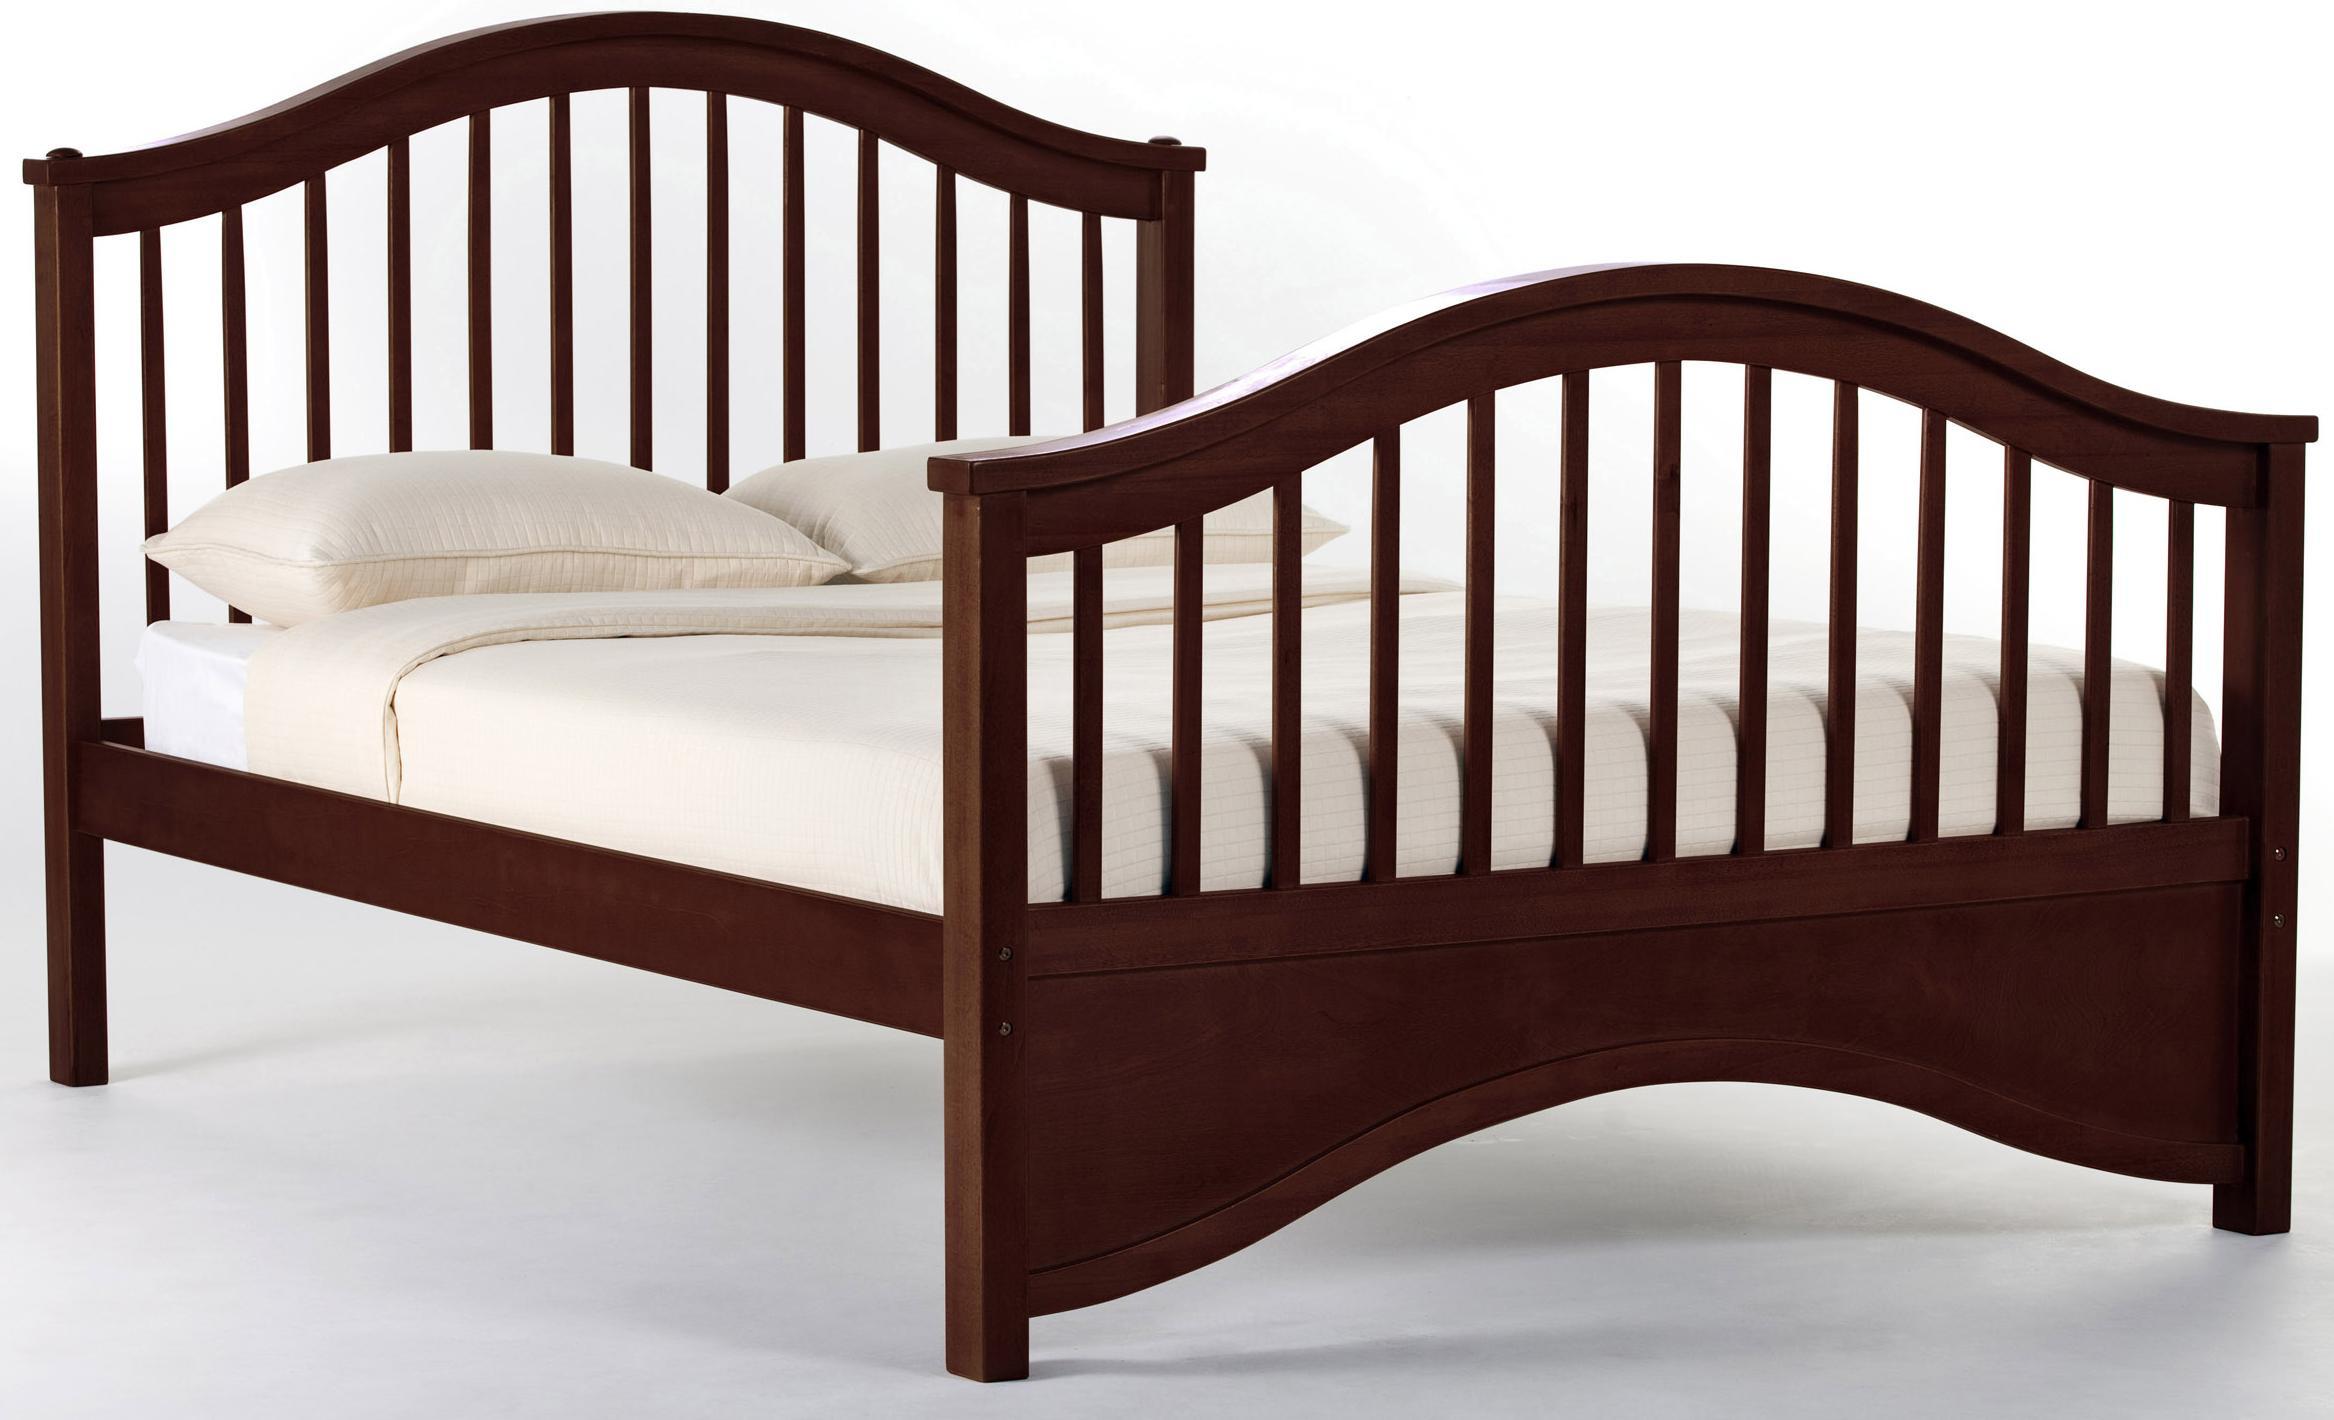 Ne Kids School House 4015n Full Jordan Child 39 S Bed Becker Furniture World Panel Beds